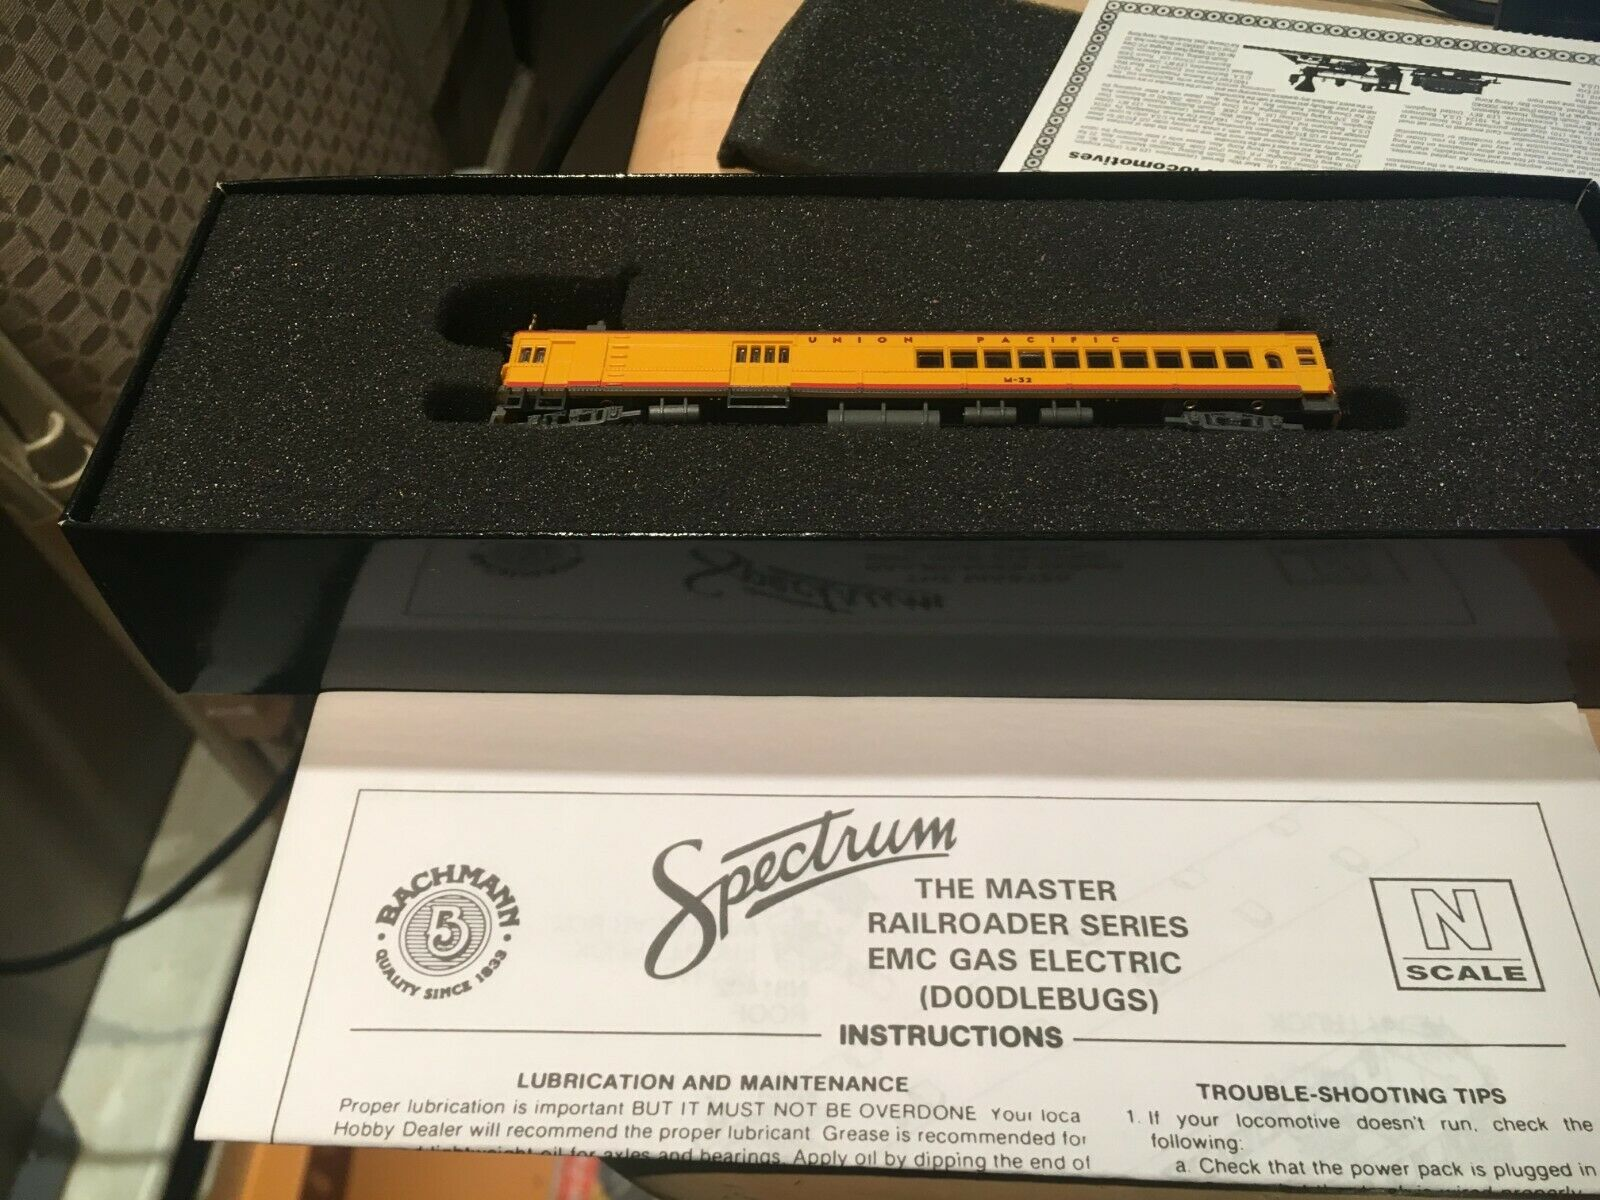 Bachmann Spectrum Union Pacific Gas Eléctrico (Doodlebugs) de EMC Ing. escala N  81453